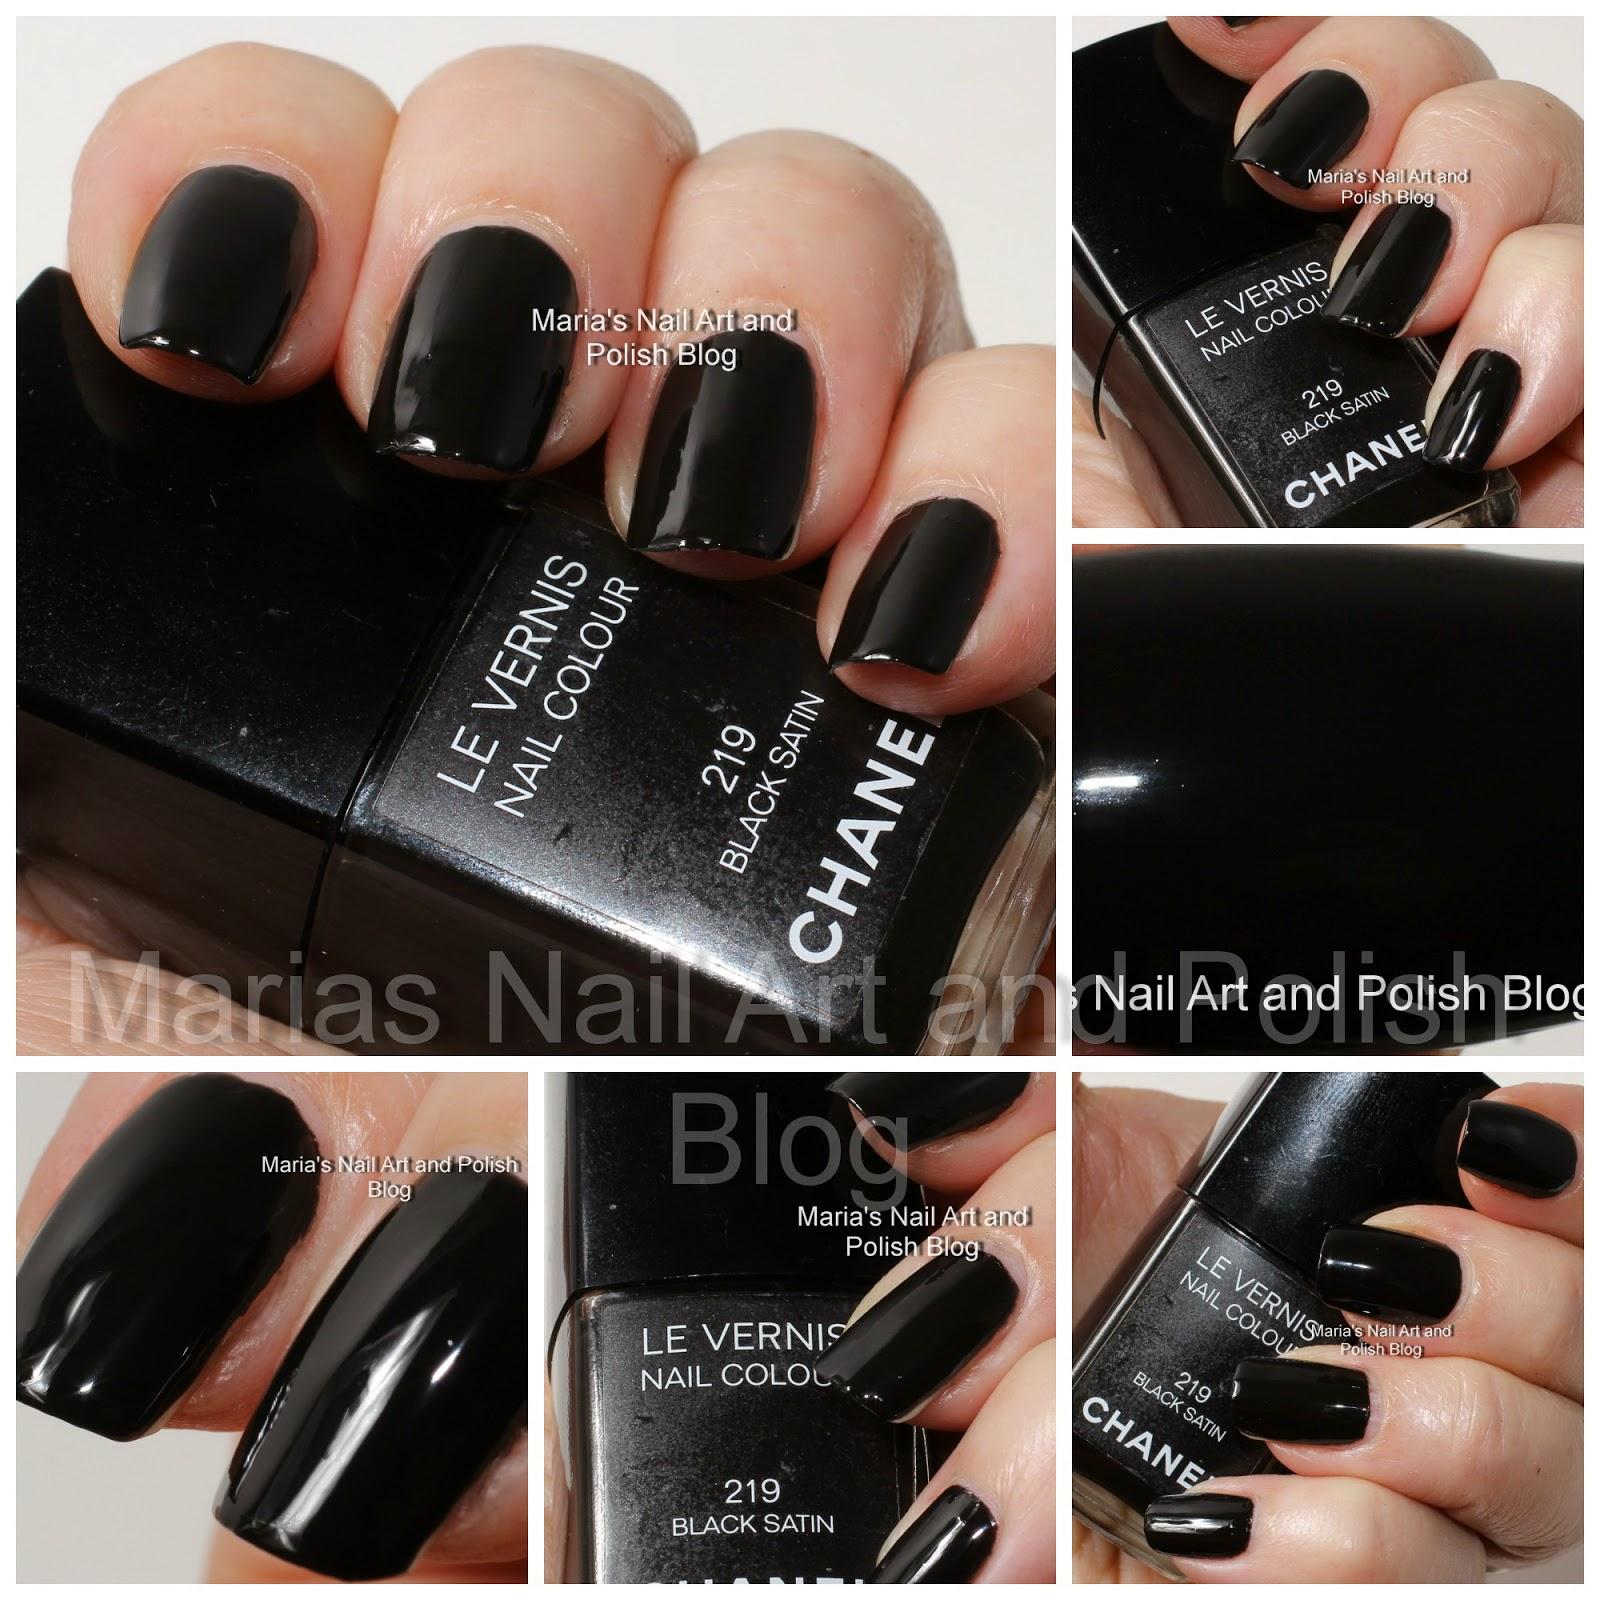 Marias Nail Art And Polish Blog: Chanel Black Satin 219